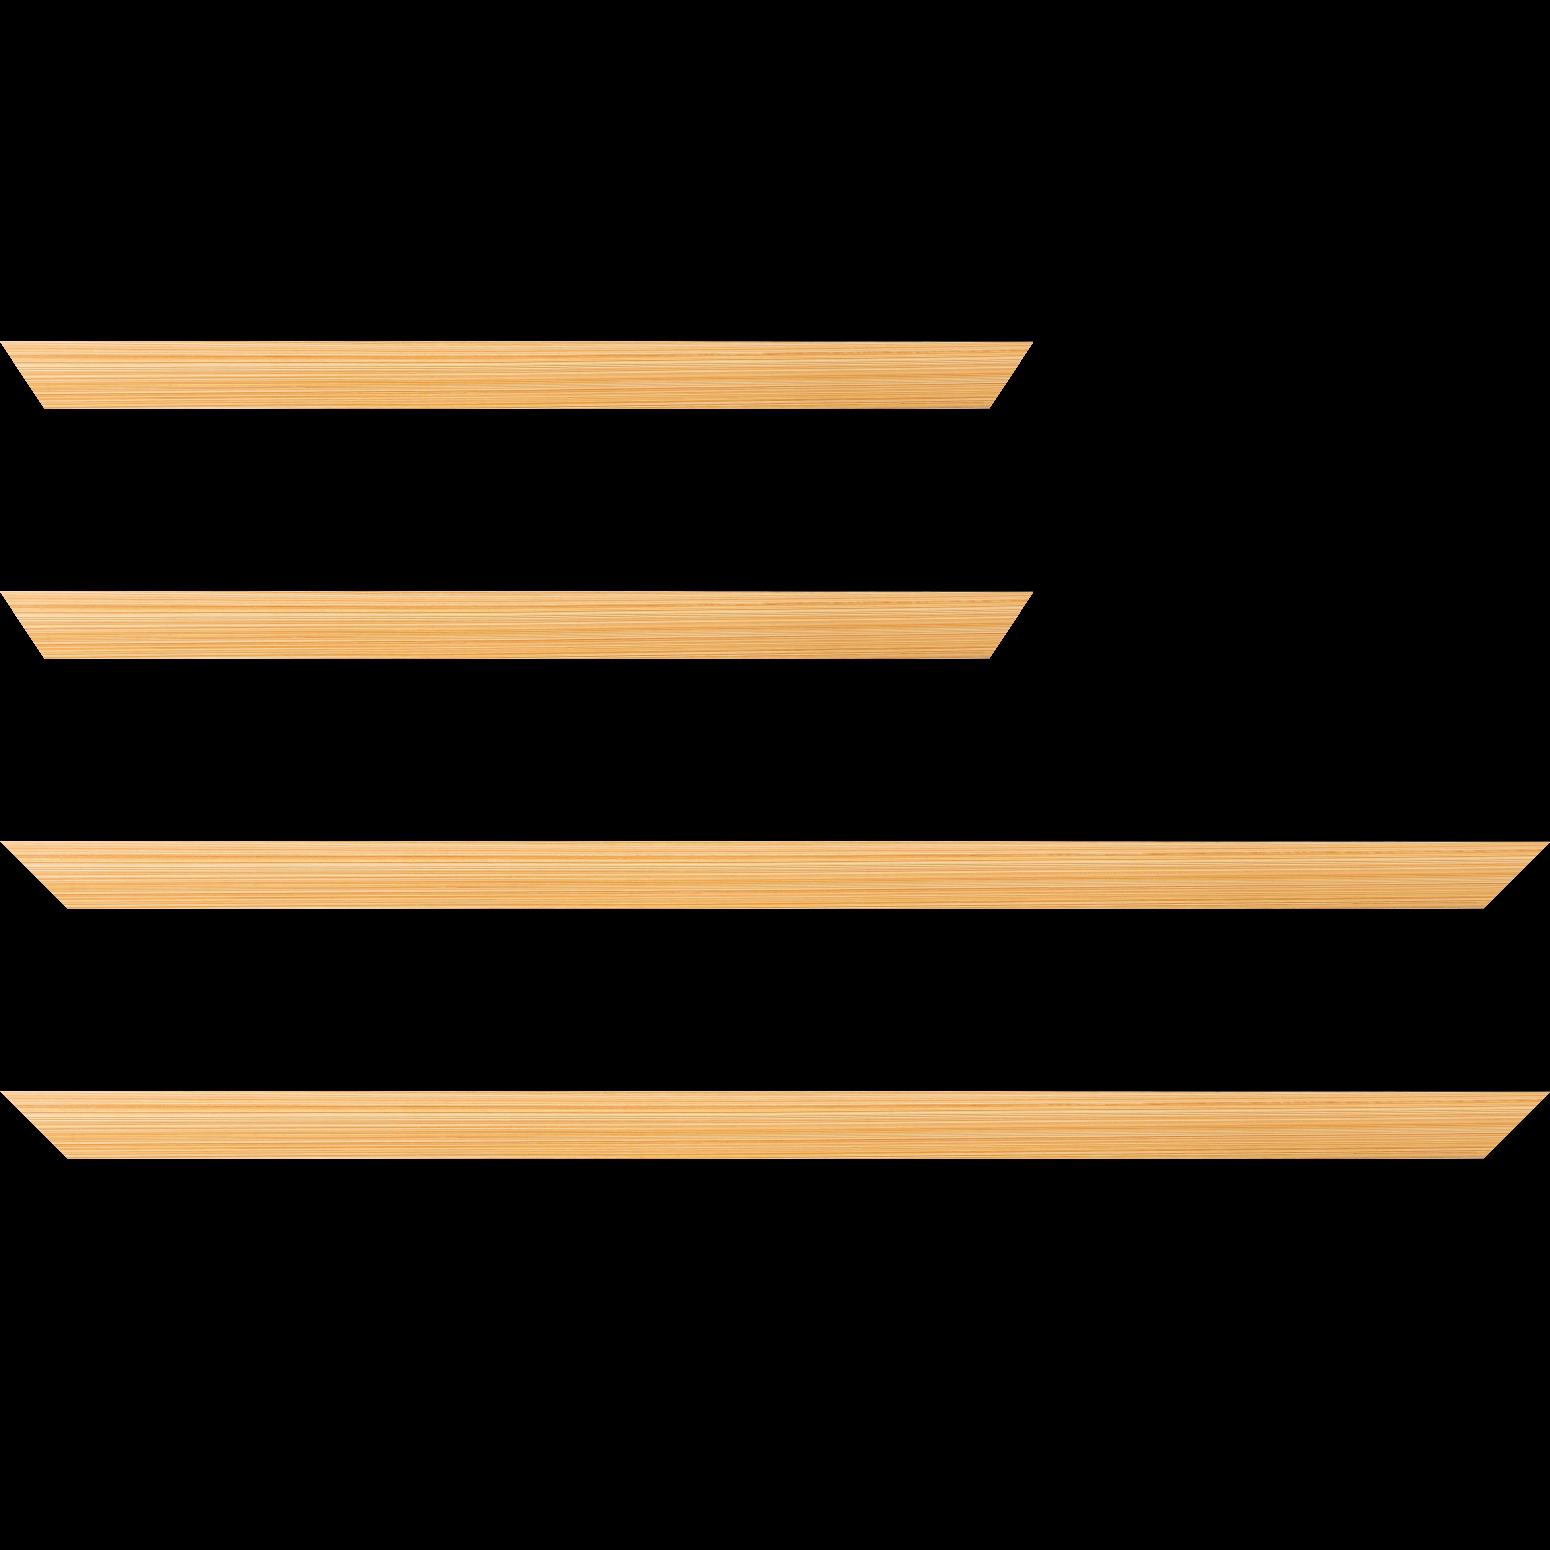 Baguette service précoupé Bois profil concave largeur 2.4cm couleur orange effet matière fond blanc